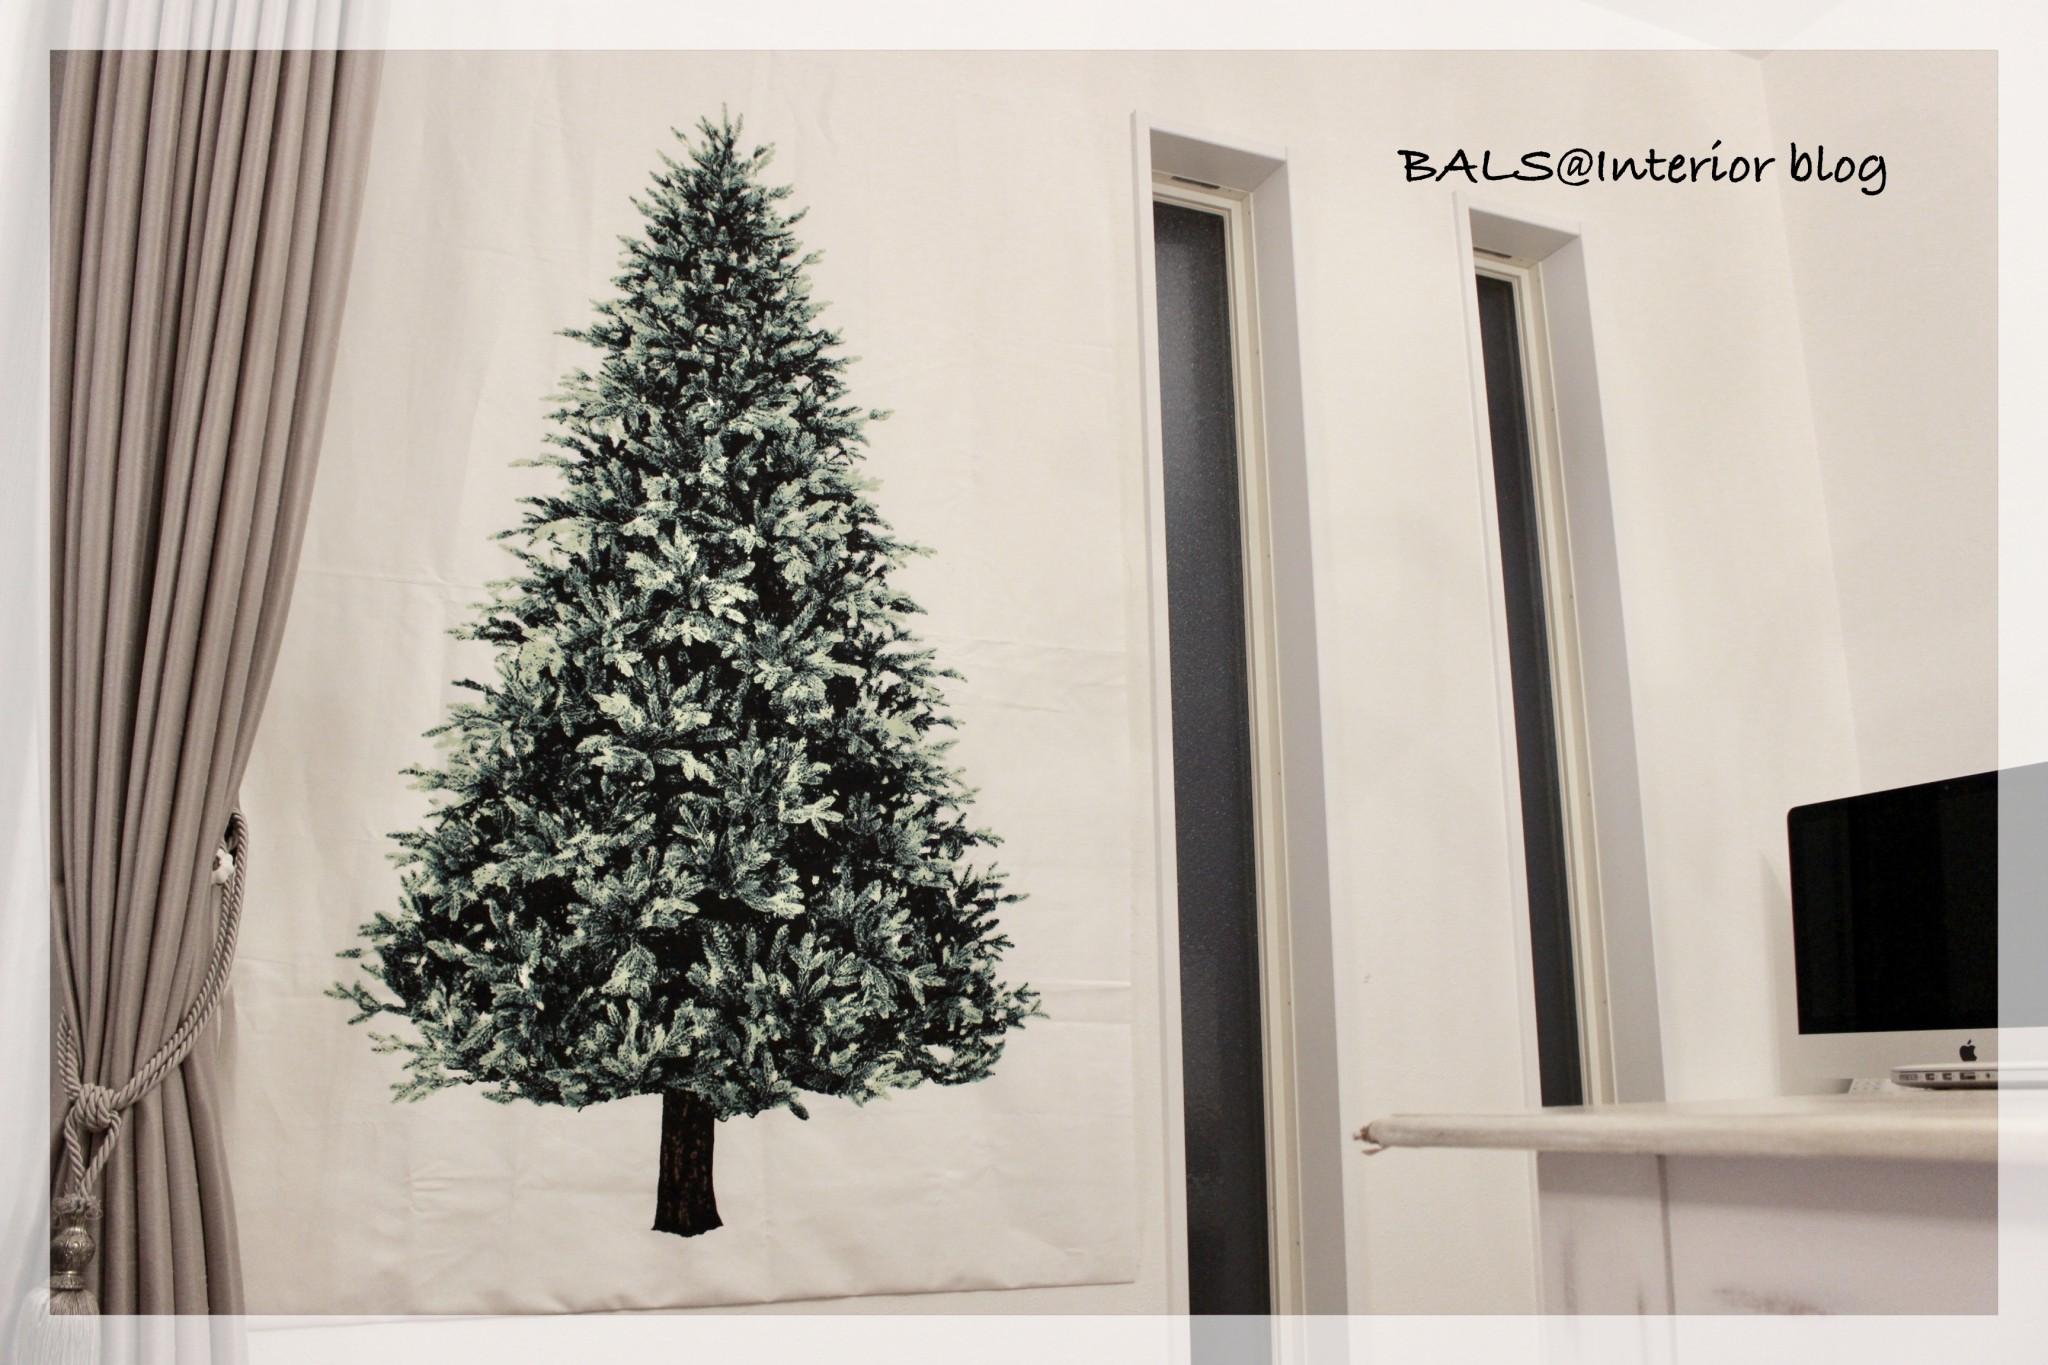 《インテリア》今年はクリスマスツリーの代わりにタペストリーを飾りました*